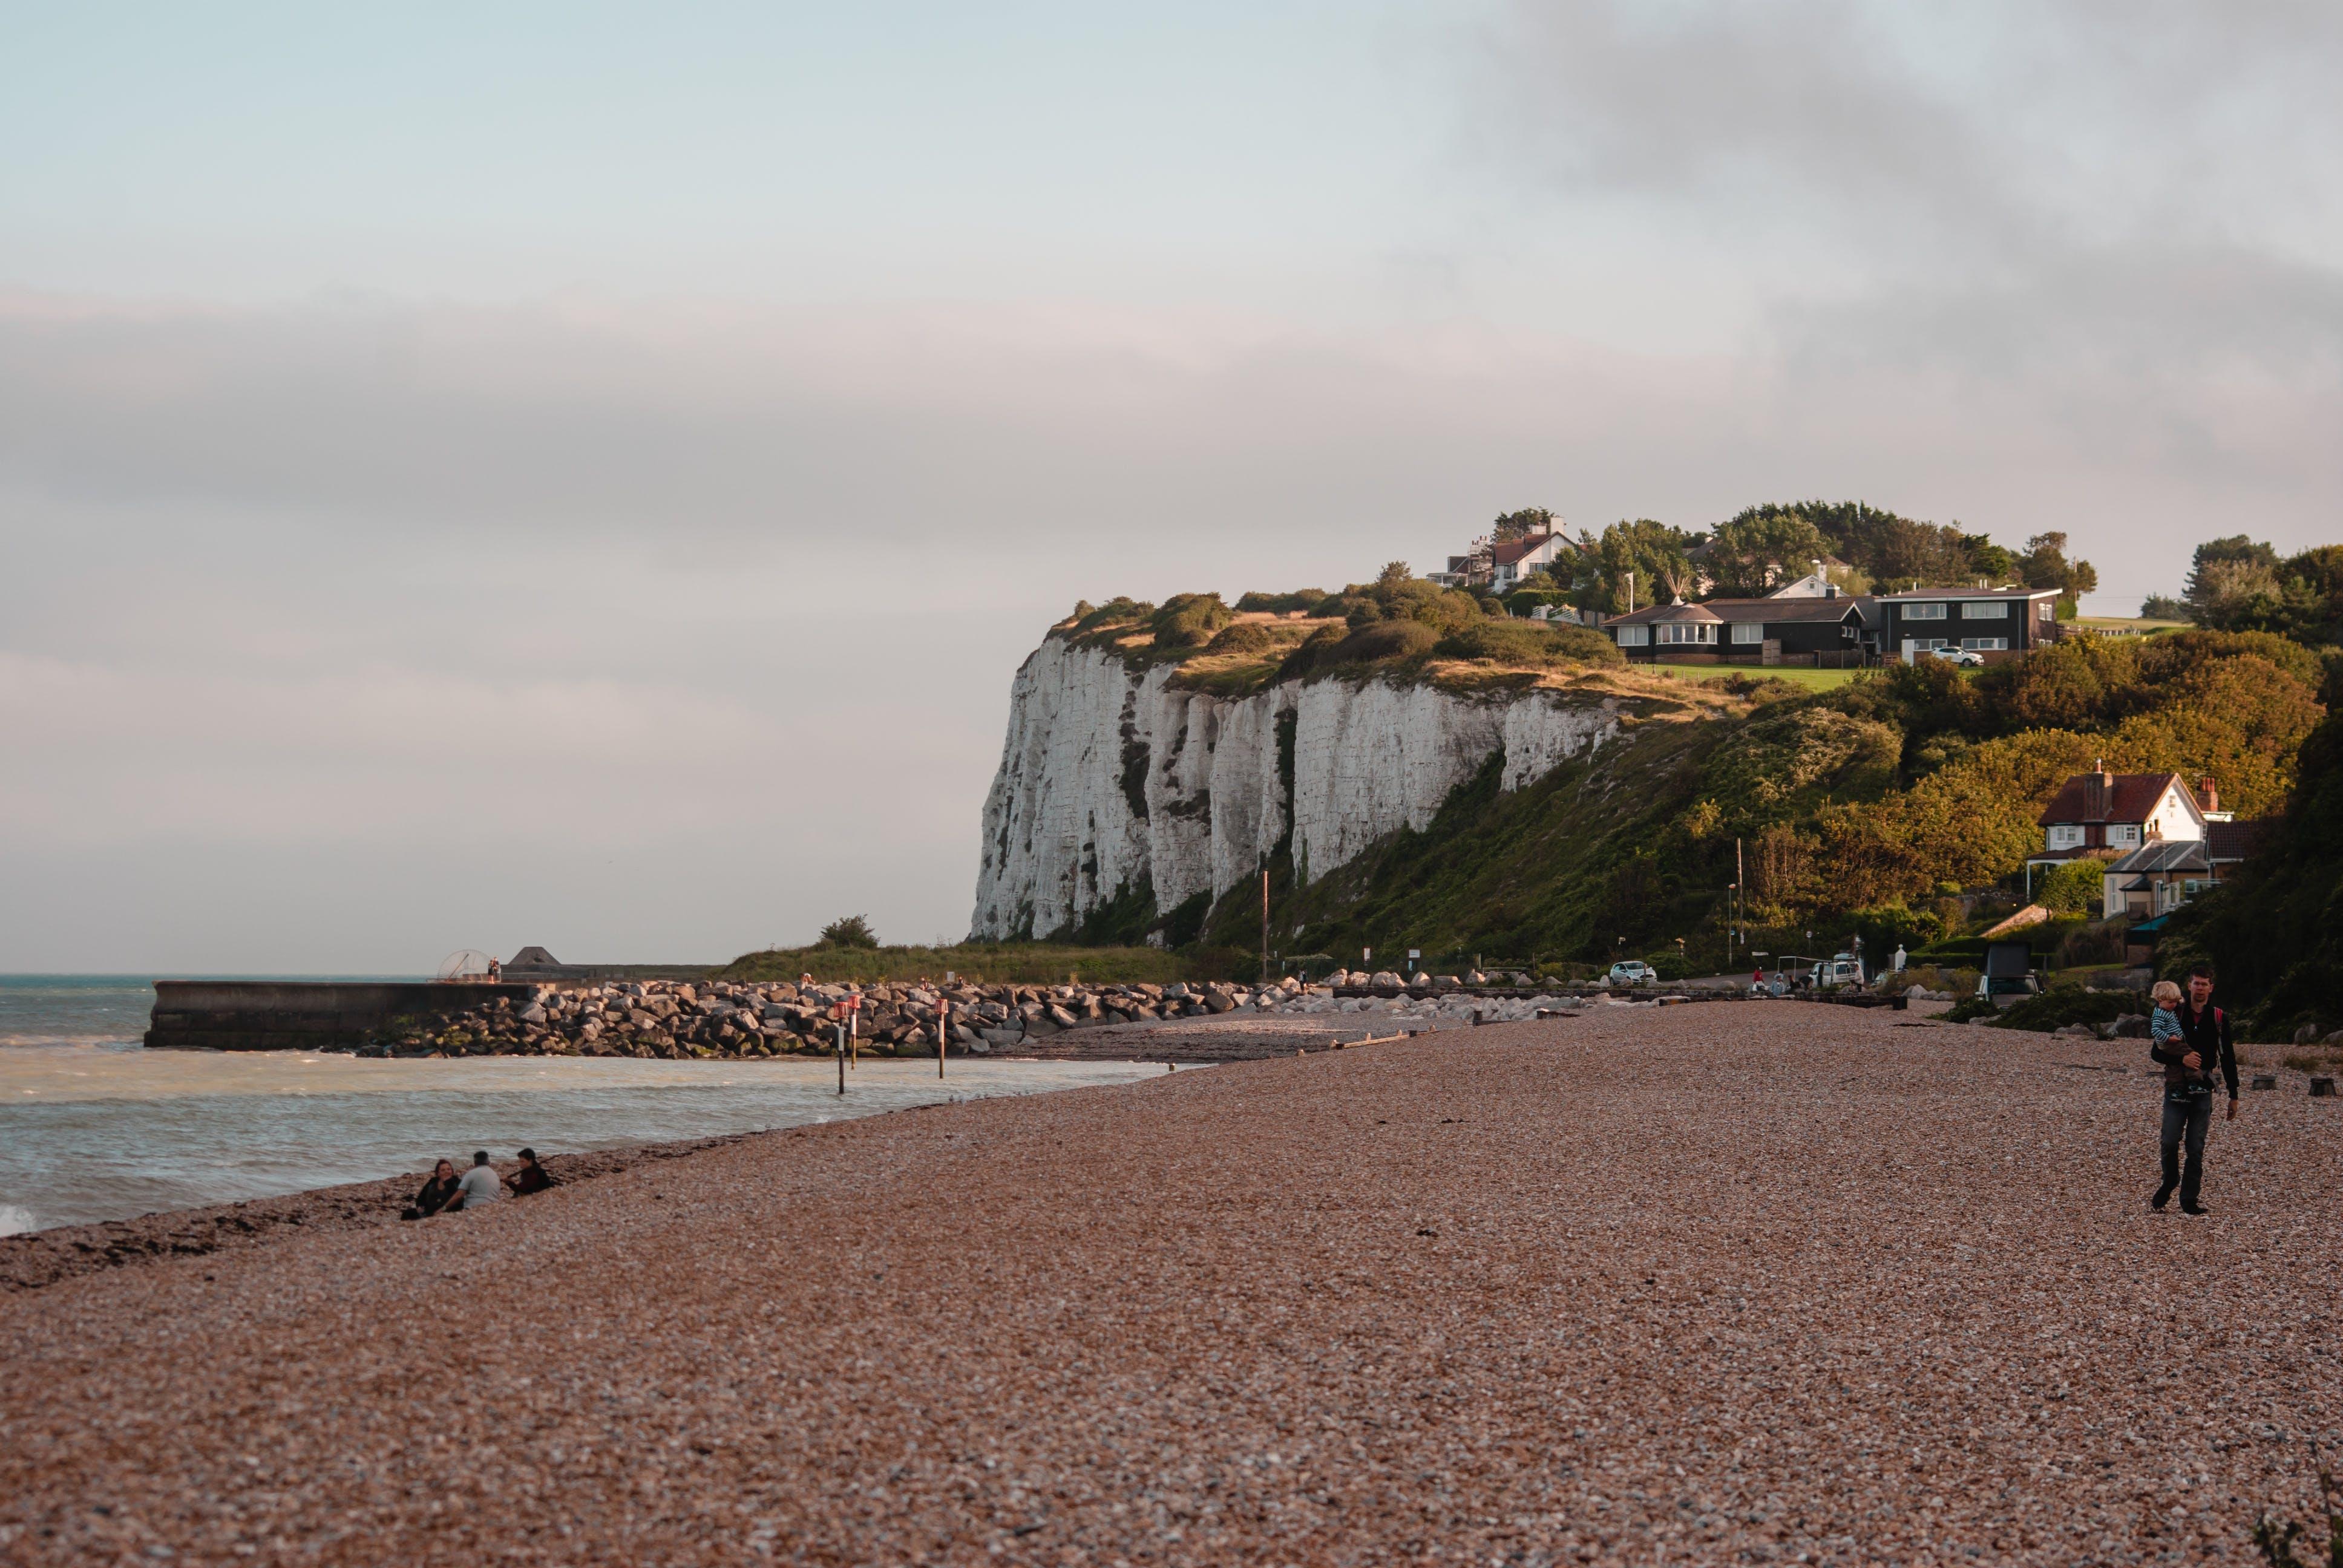 Photography of People On Seashore